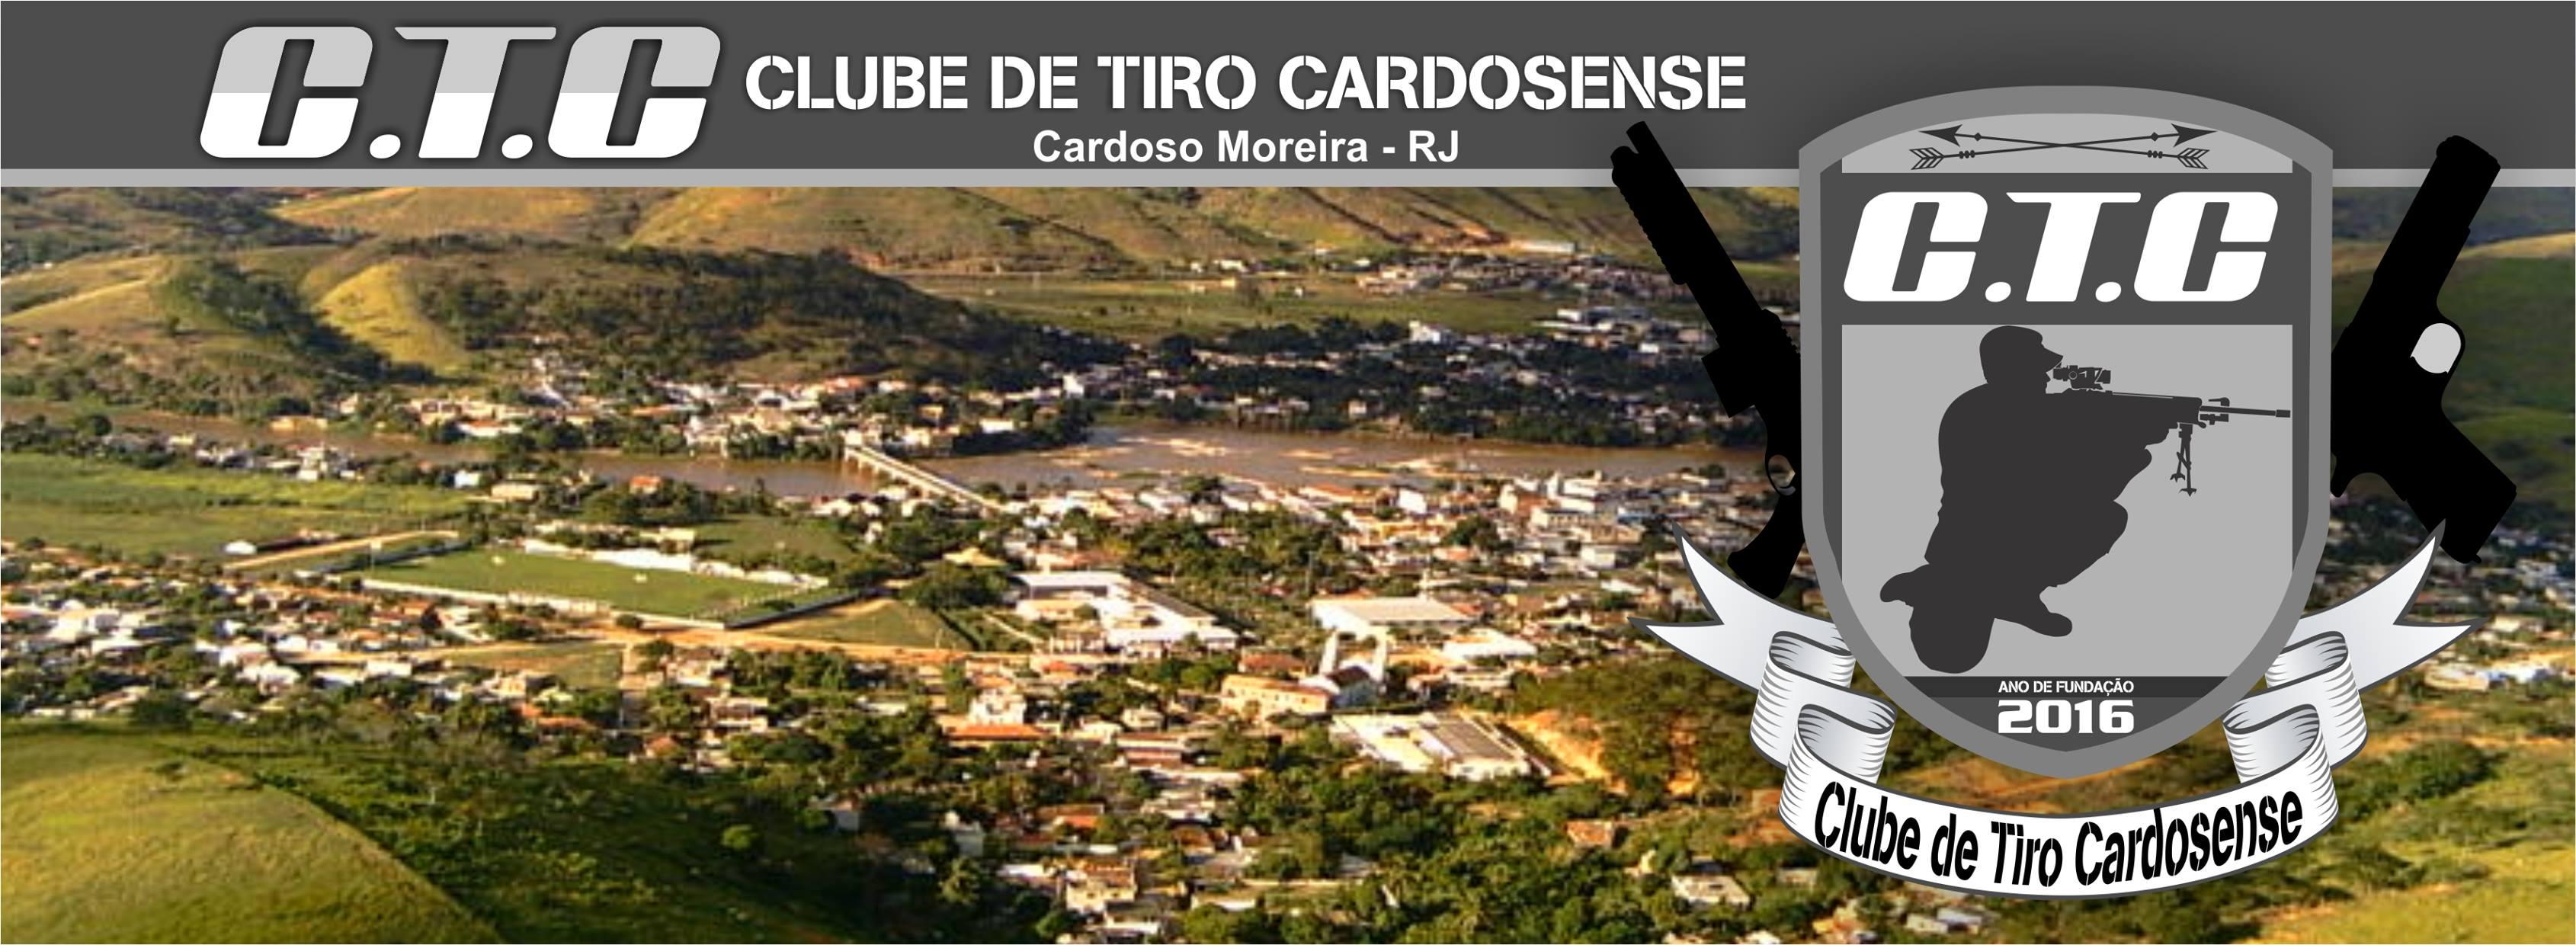 Clube de Tiro Cardosense